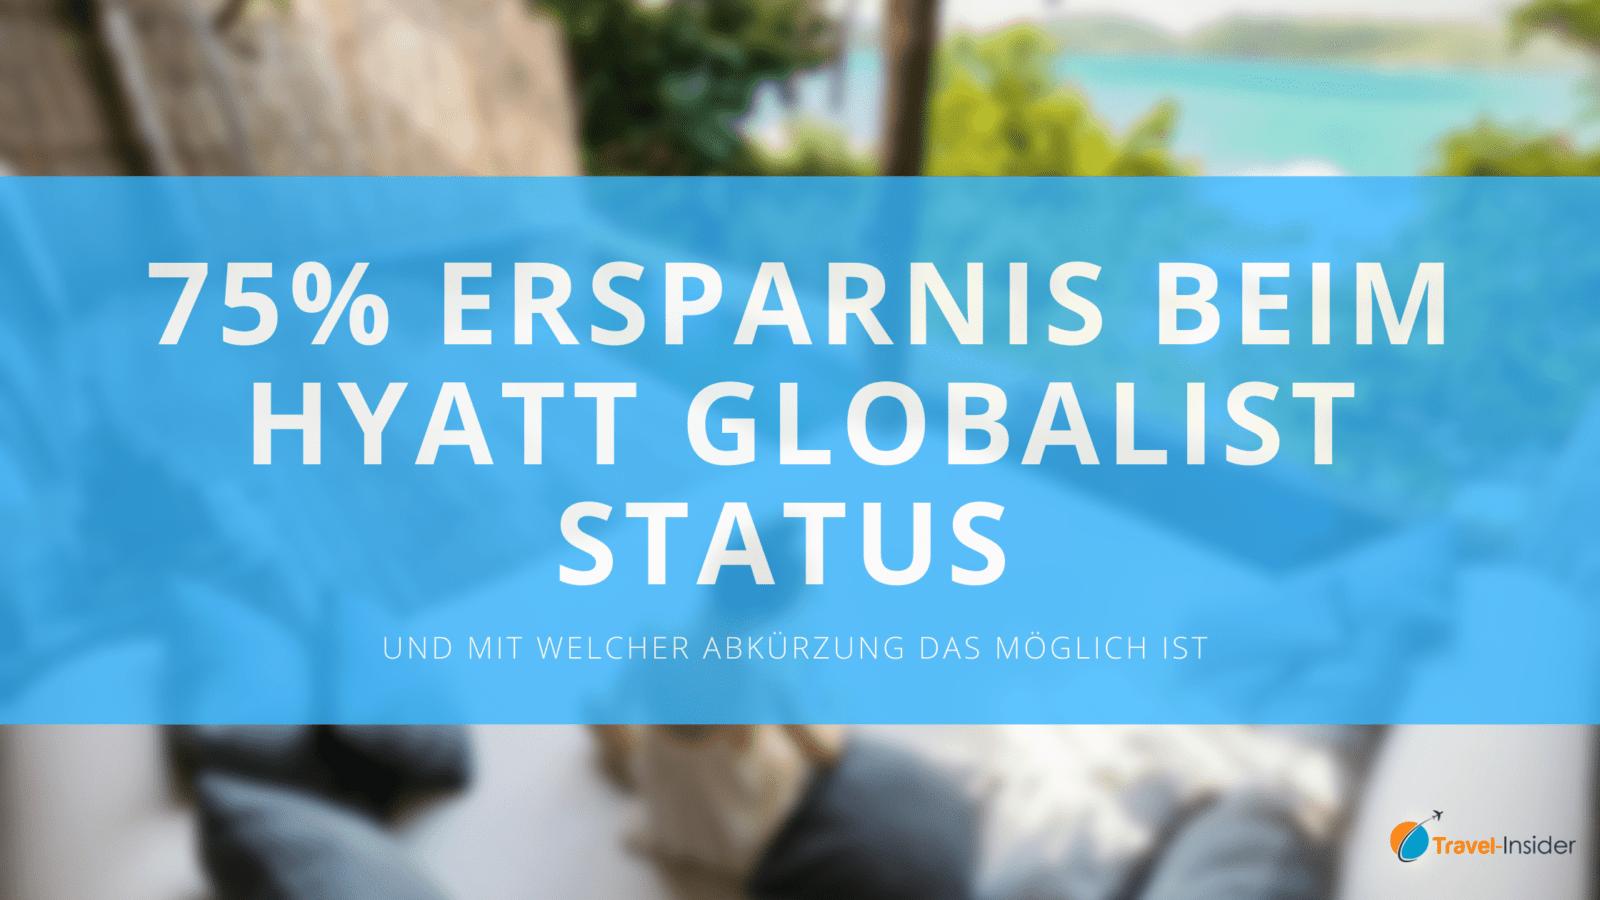 Hyatt Globalist Status mit 75% Ersparnis